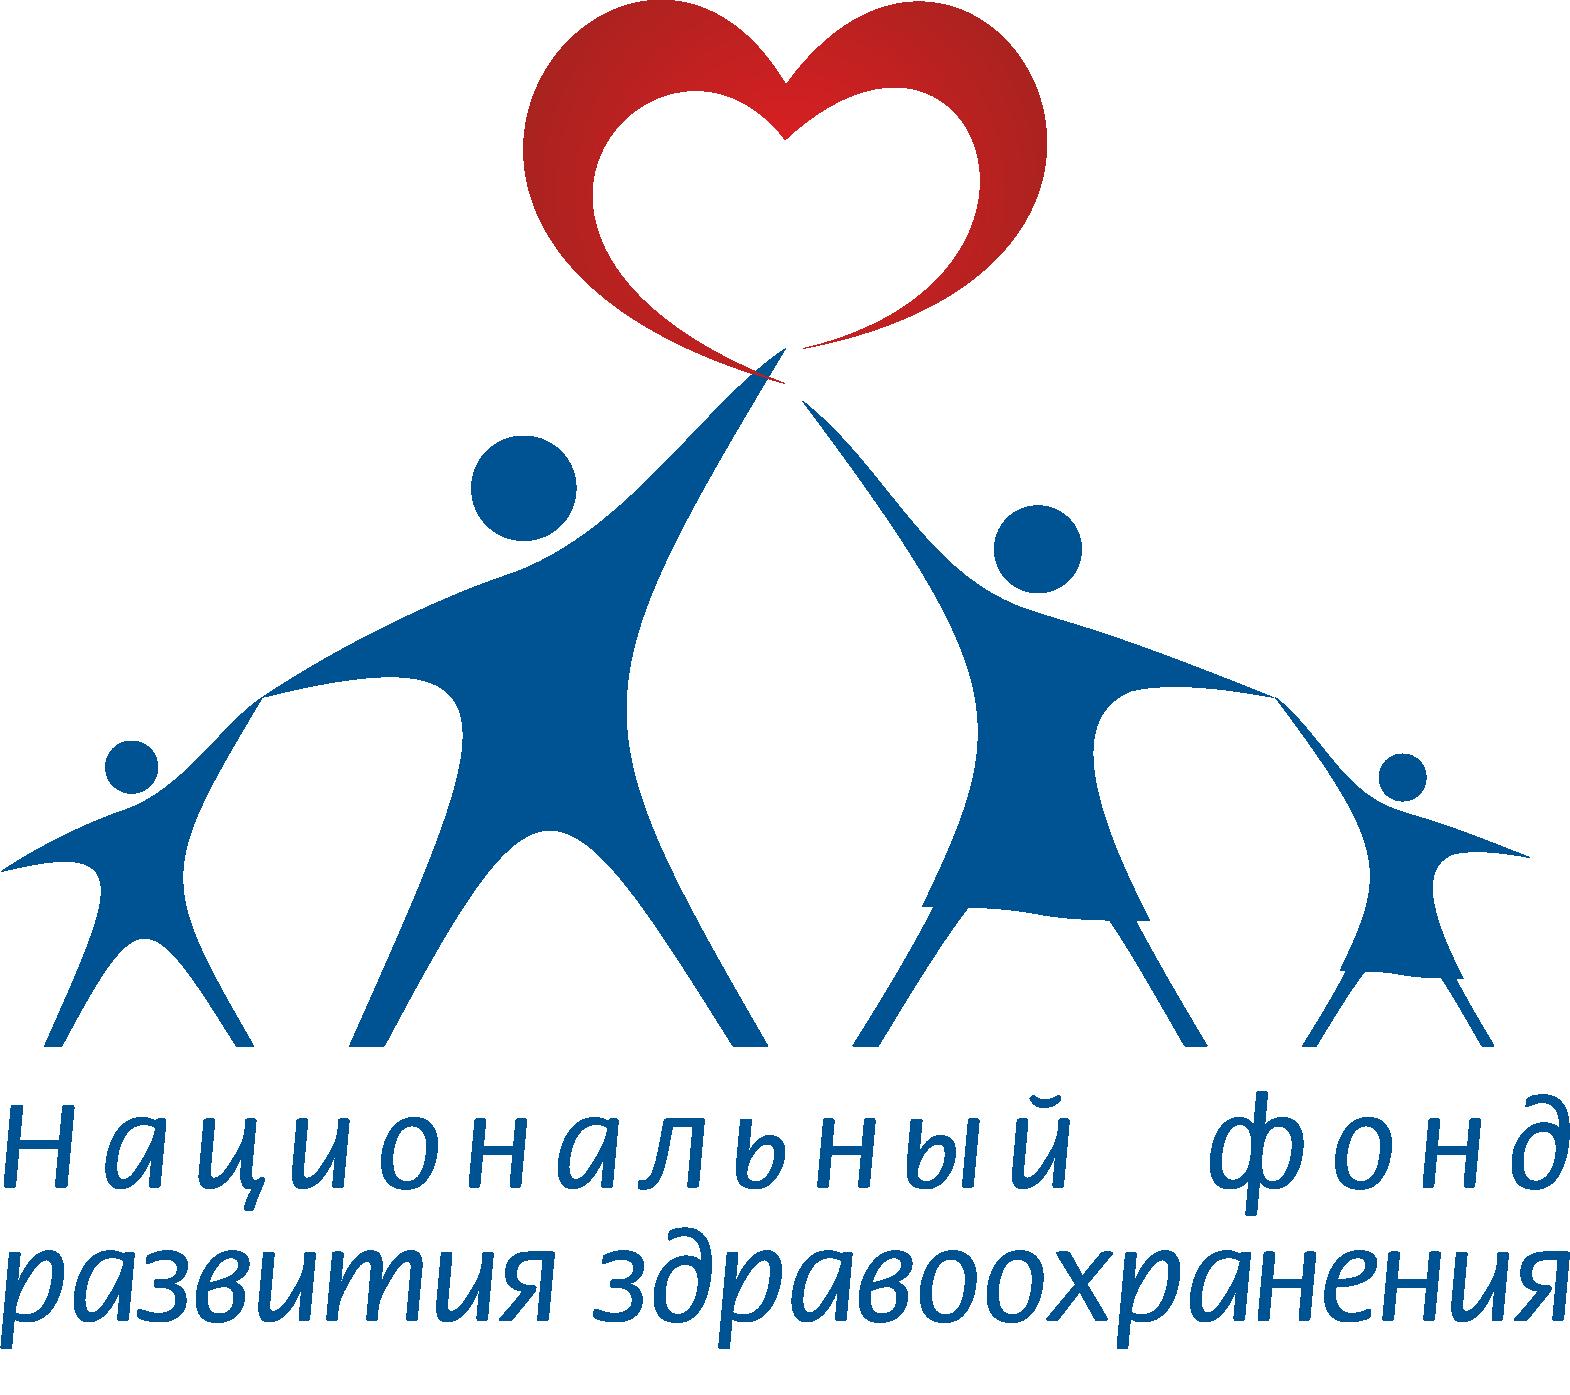 национальная программа развития здравоохранения